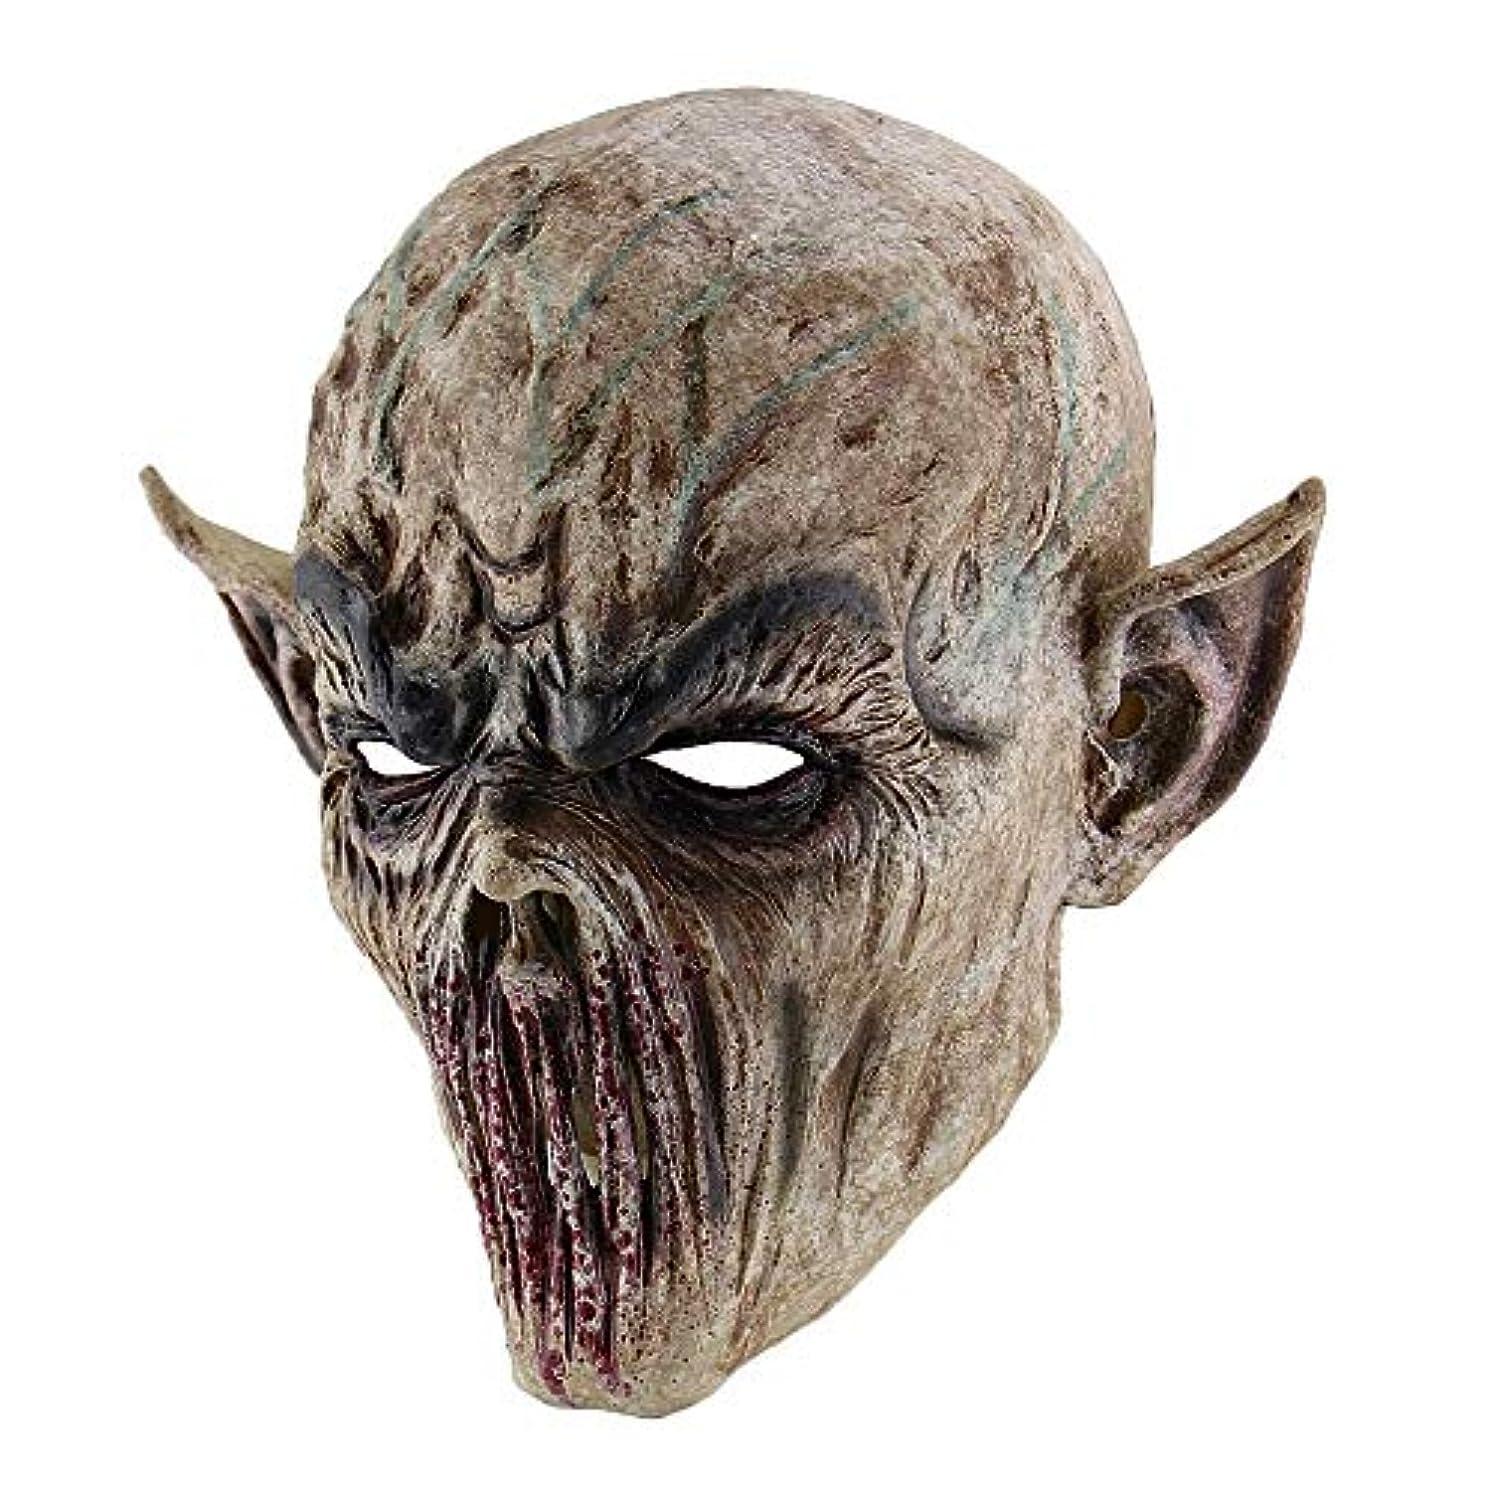 共感するクリエイティブハーネス不気味な怖いハロウィーン不気味なラテックスマスク、大人のパーティーコスプレ衣装、仮装衣装,Zombie